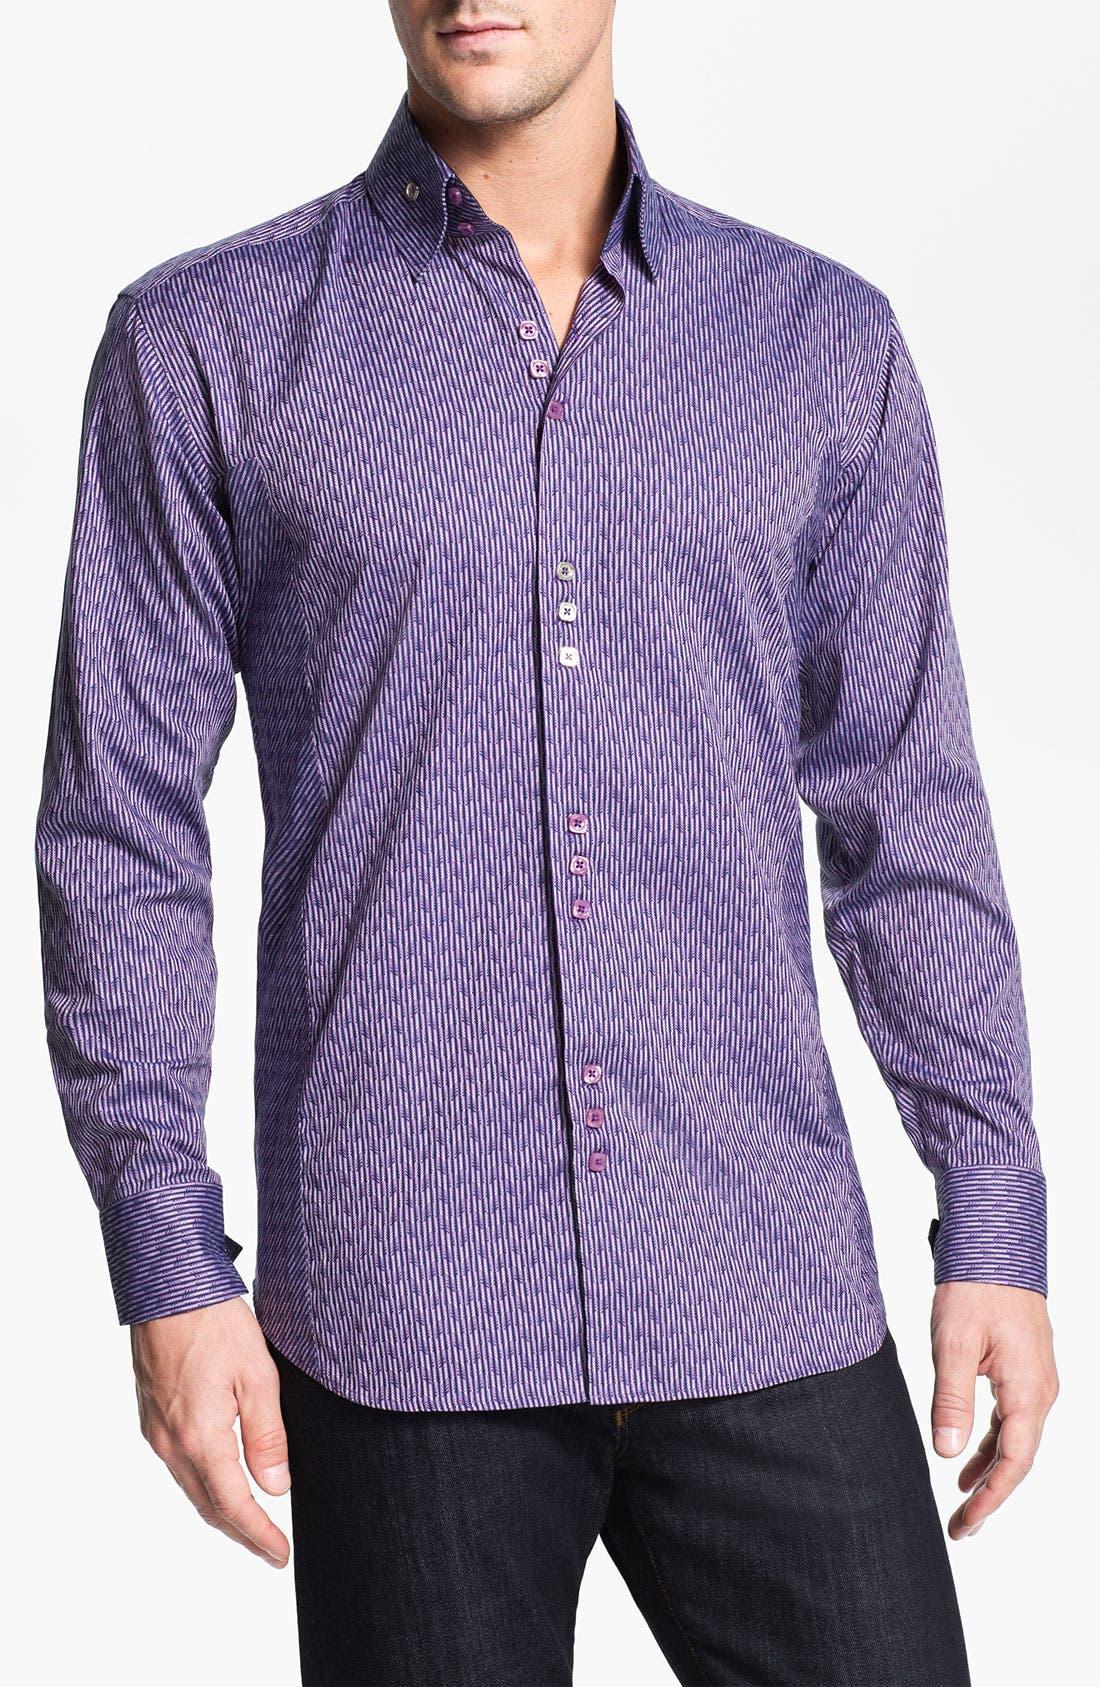 Alternate Image 1 Selected - Bogosse 'Clau 89' Sport Shirt